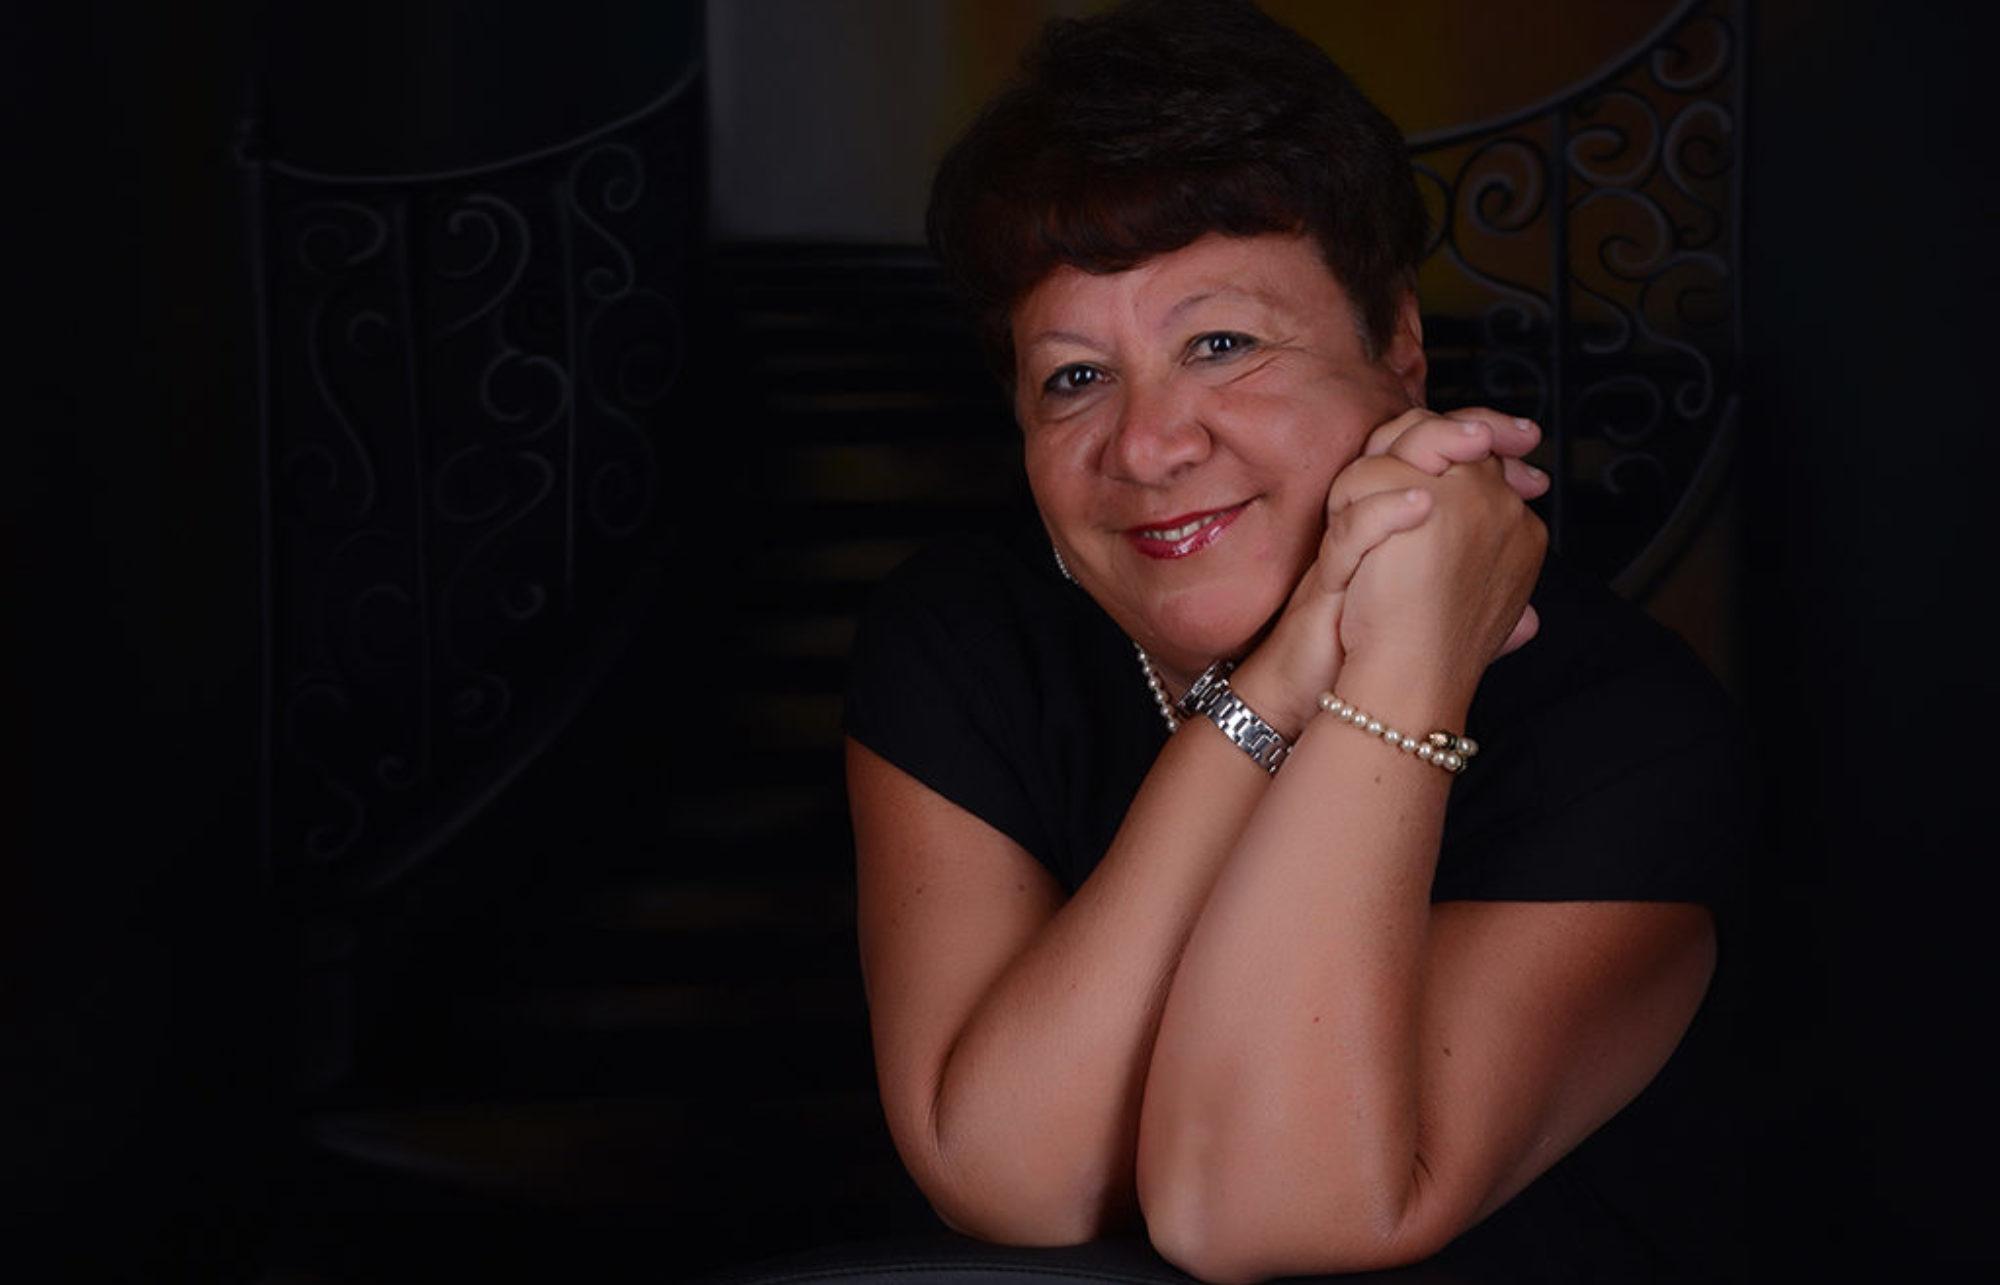 Nadia Testa